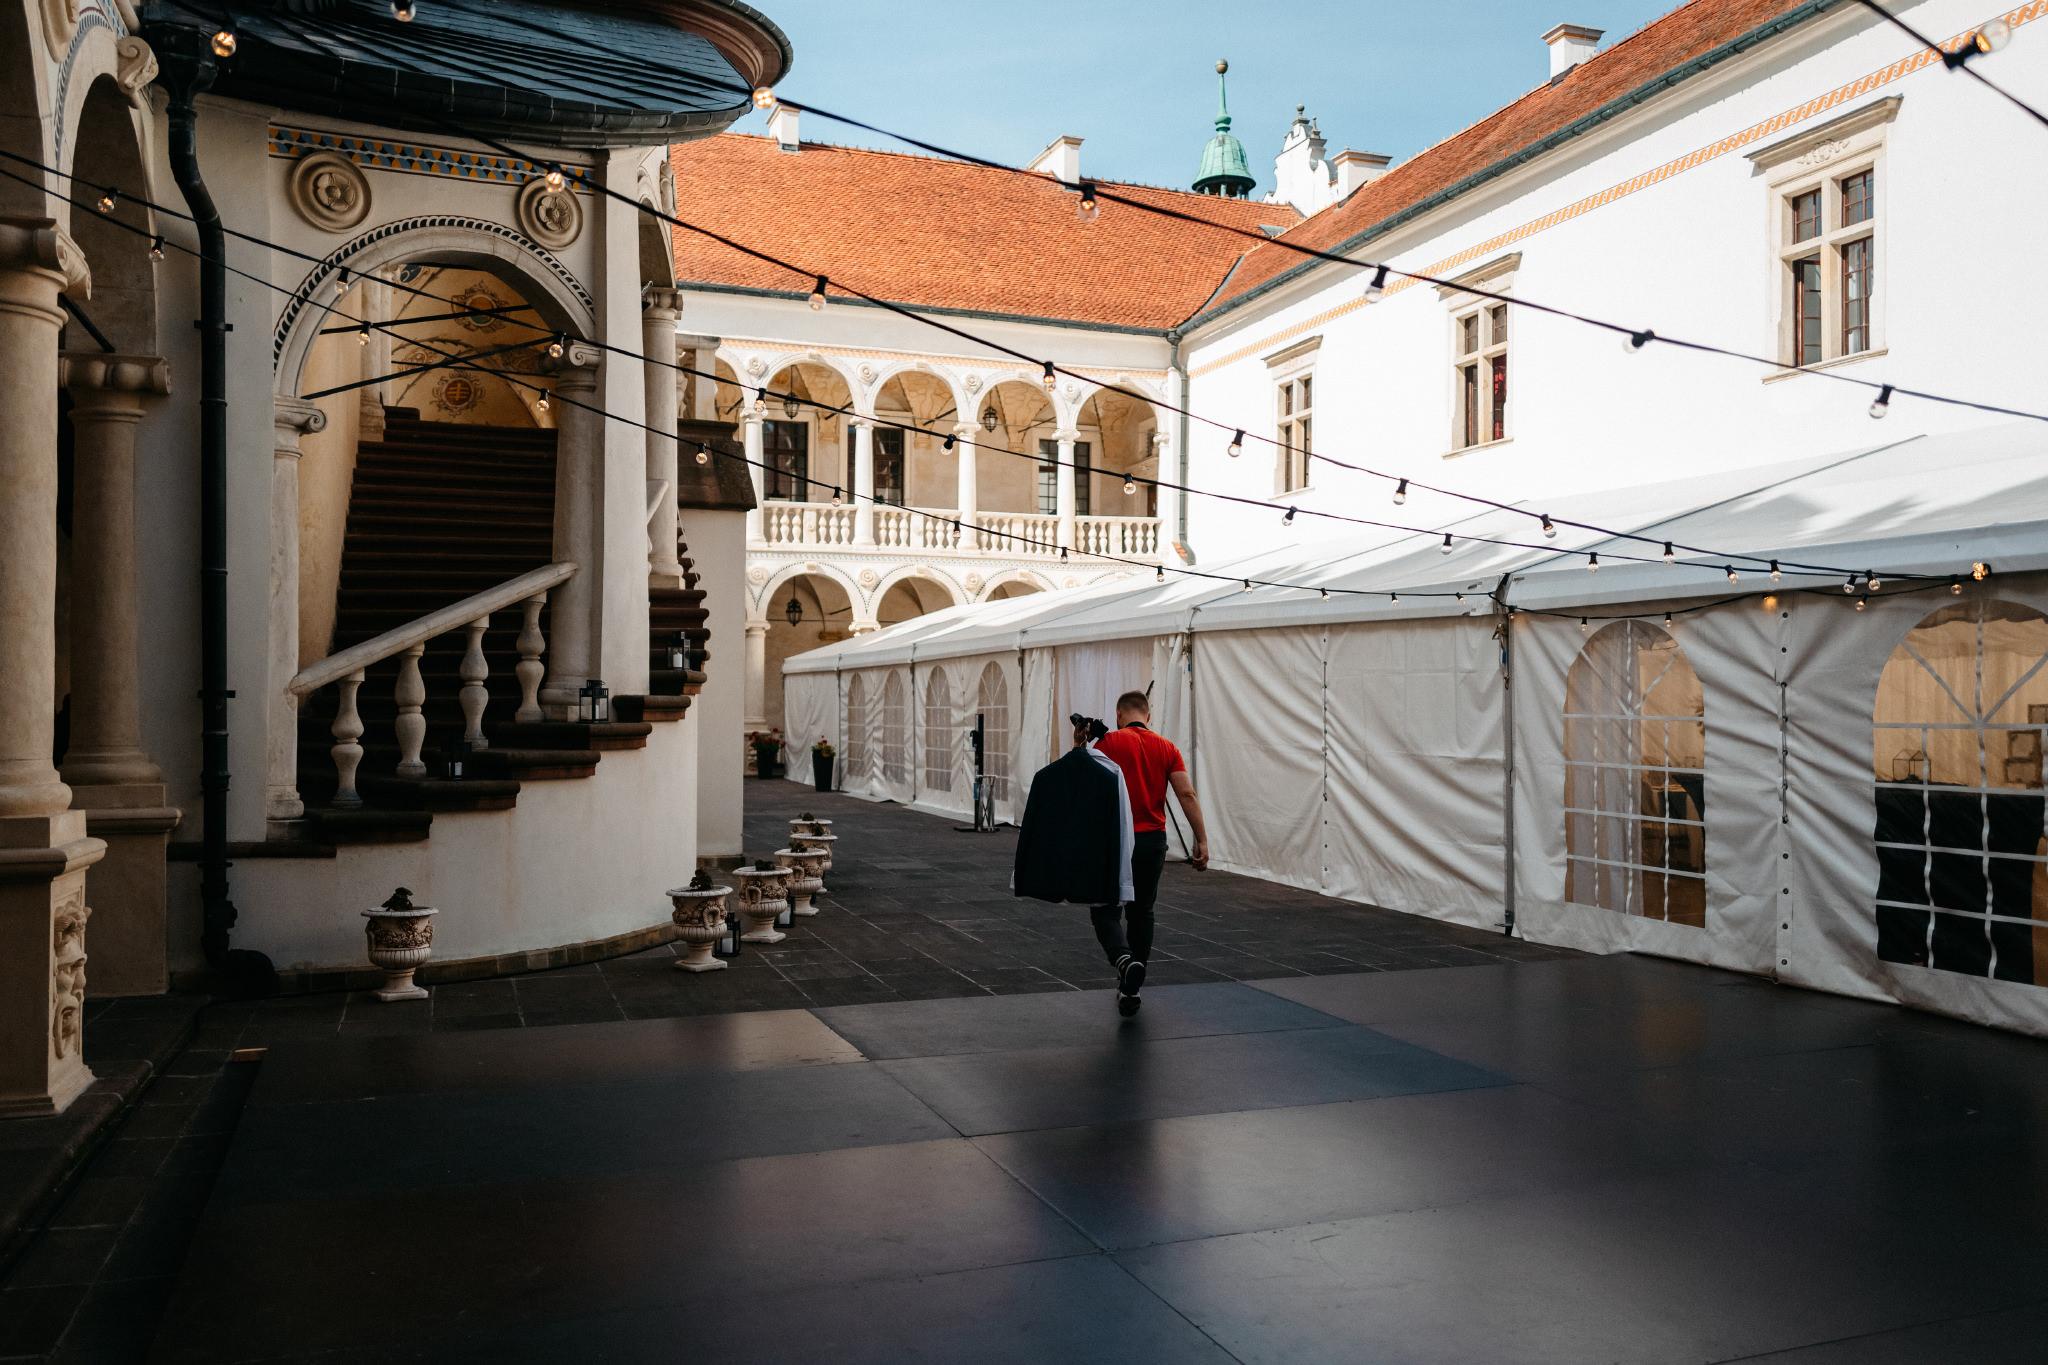 Plenerowy ślub na Zamku w Baranowie Sandomierskim 17